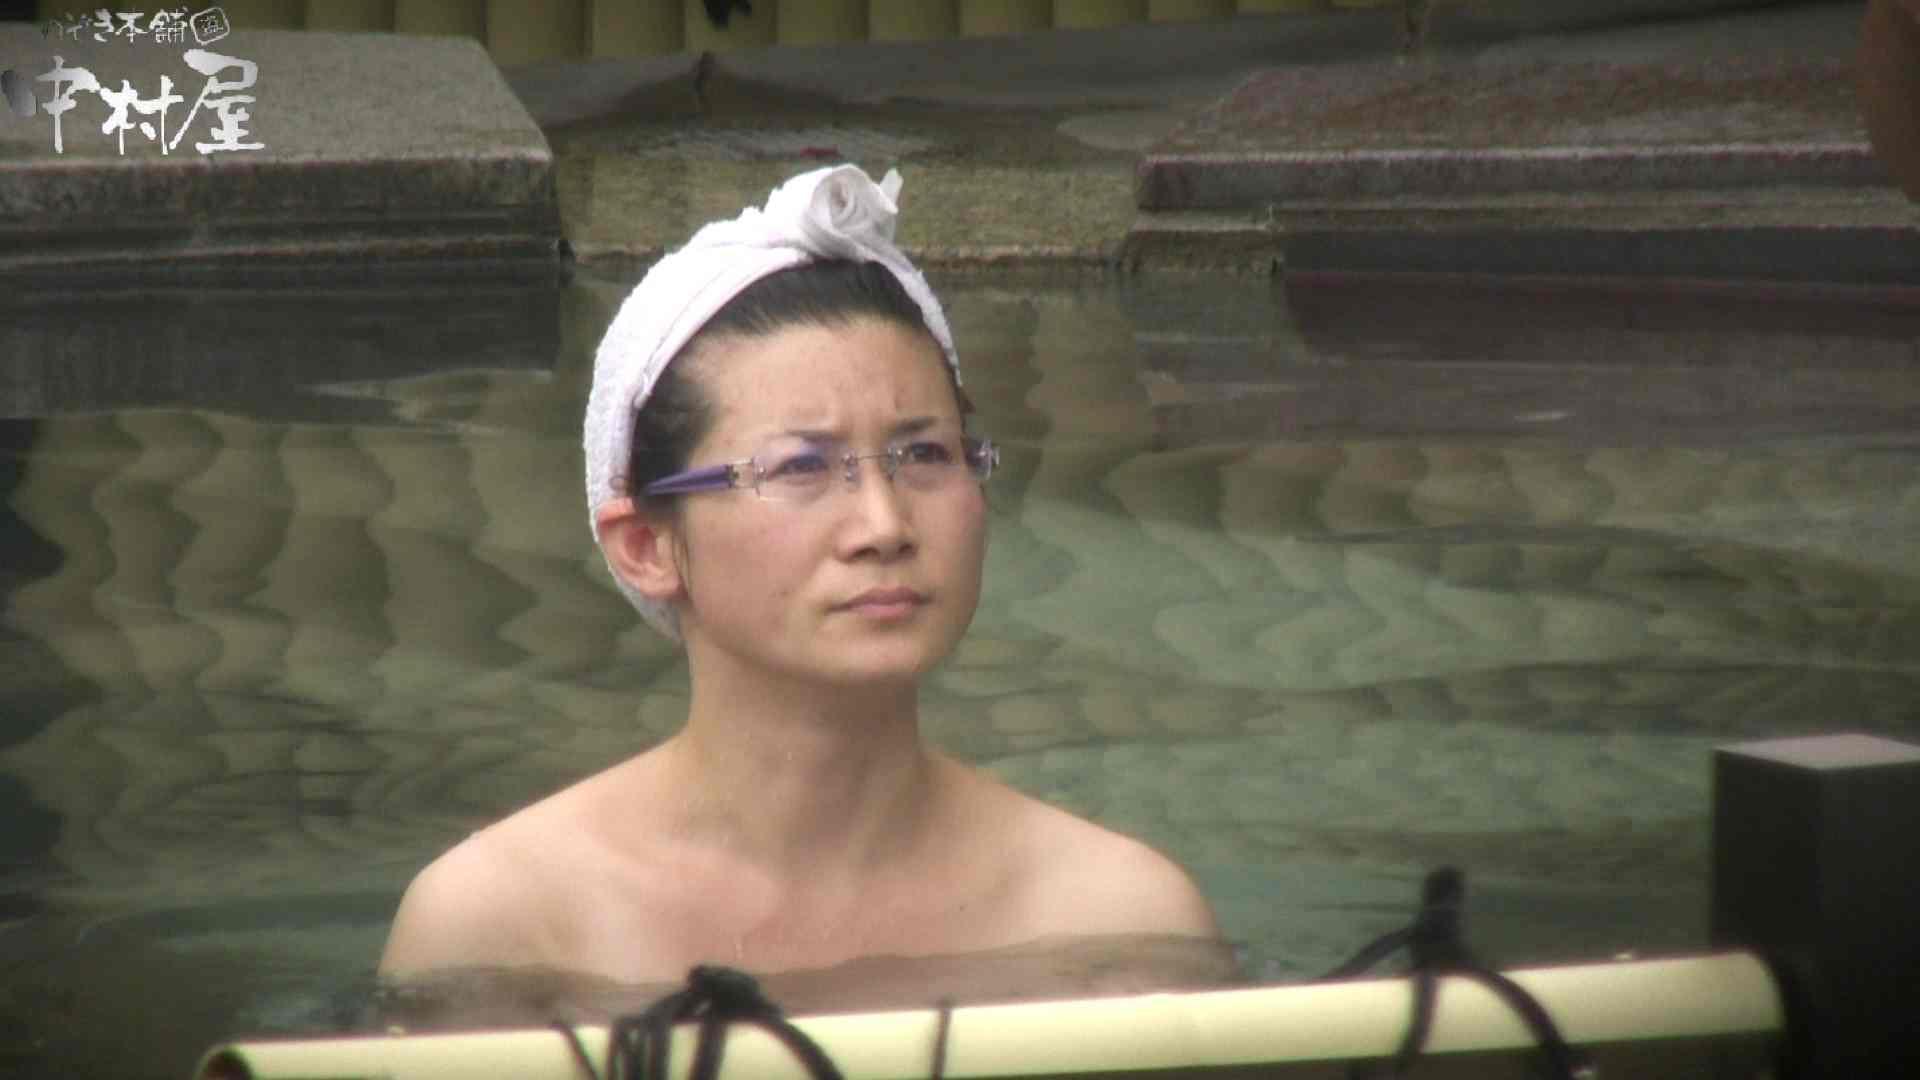 Aquaな露天風呂Vol.905 露天 | 盗撮  90pic 30